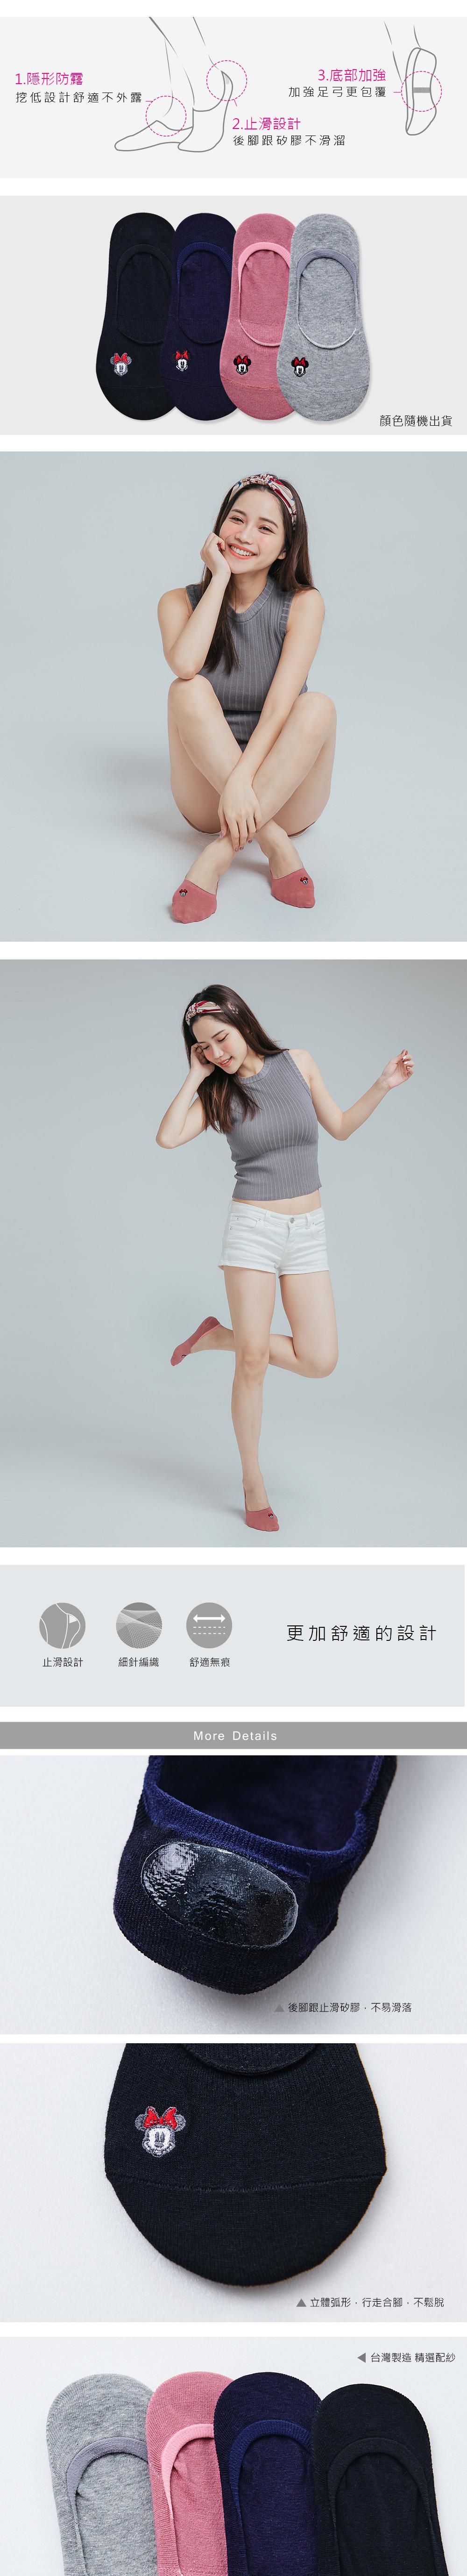 米妮刺繡一體成形襪-02